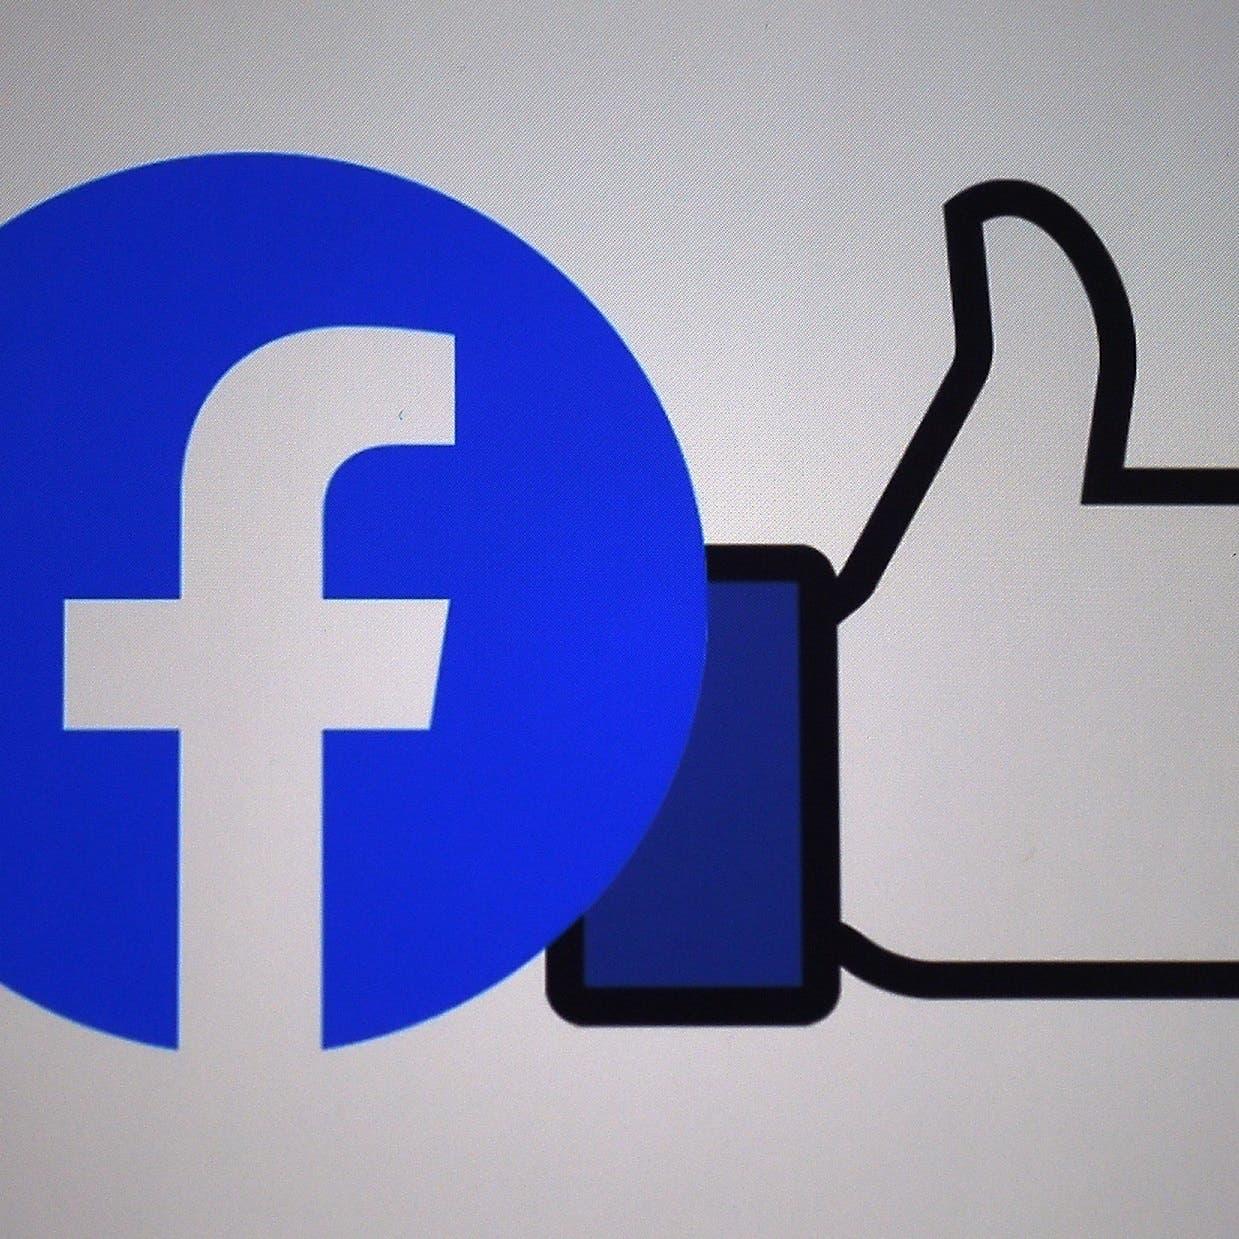 فيسبوك تلغي خاصية شهيرة.. والسبب؟